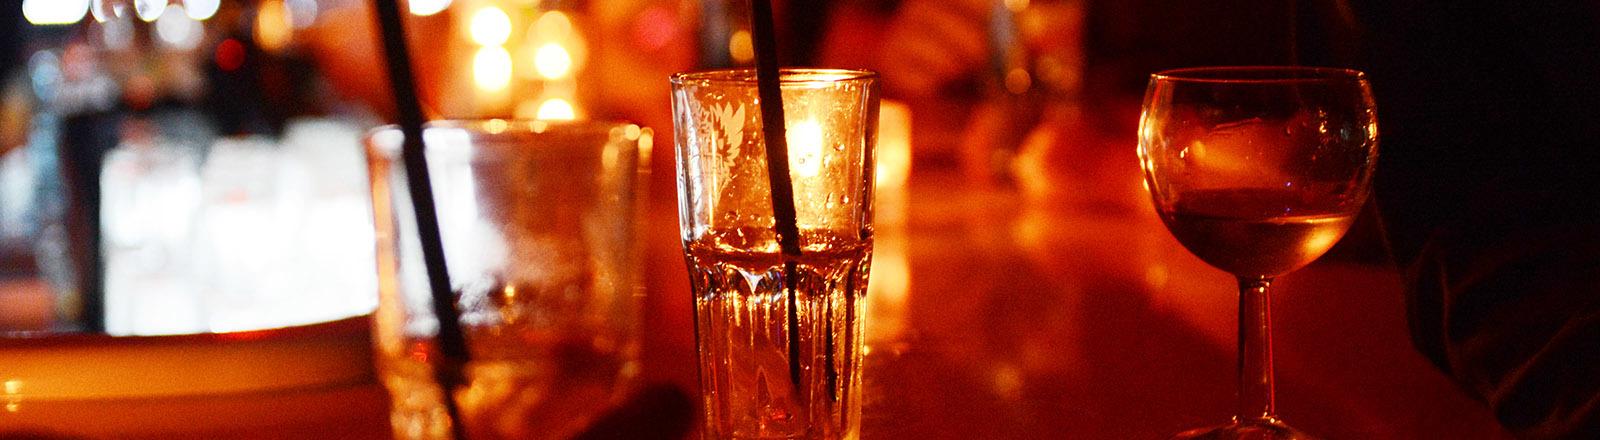 Verschiedene Gläser stehen auf einer Bar.